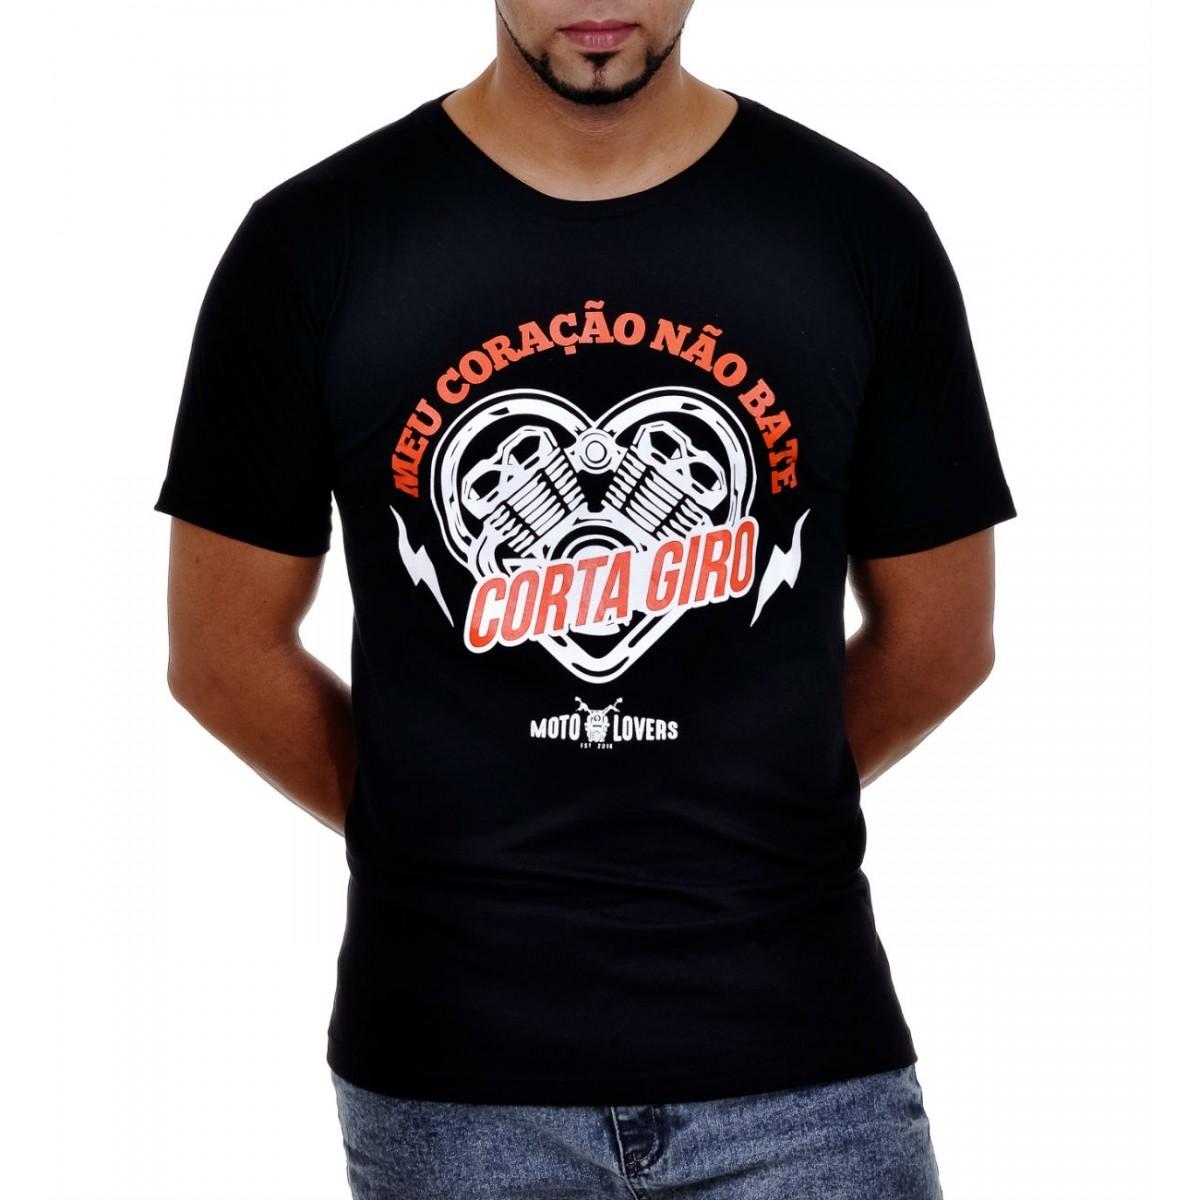 Camiseta Moto Lovers -  Meu Coração Não Bate Corta Giro